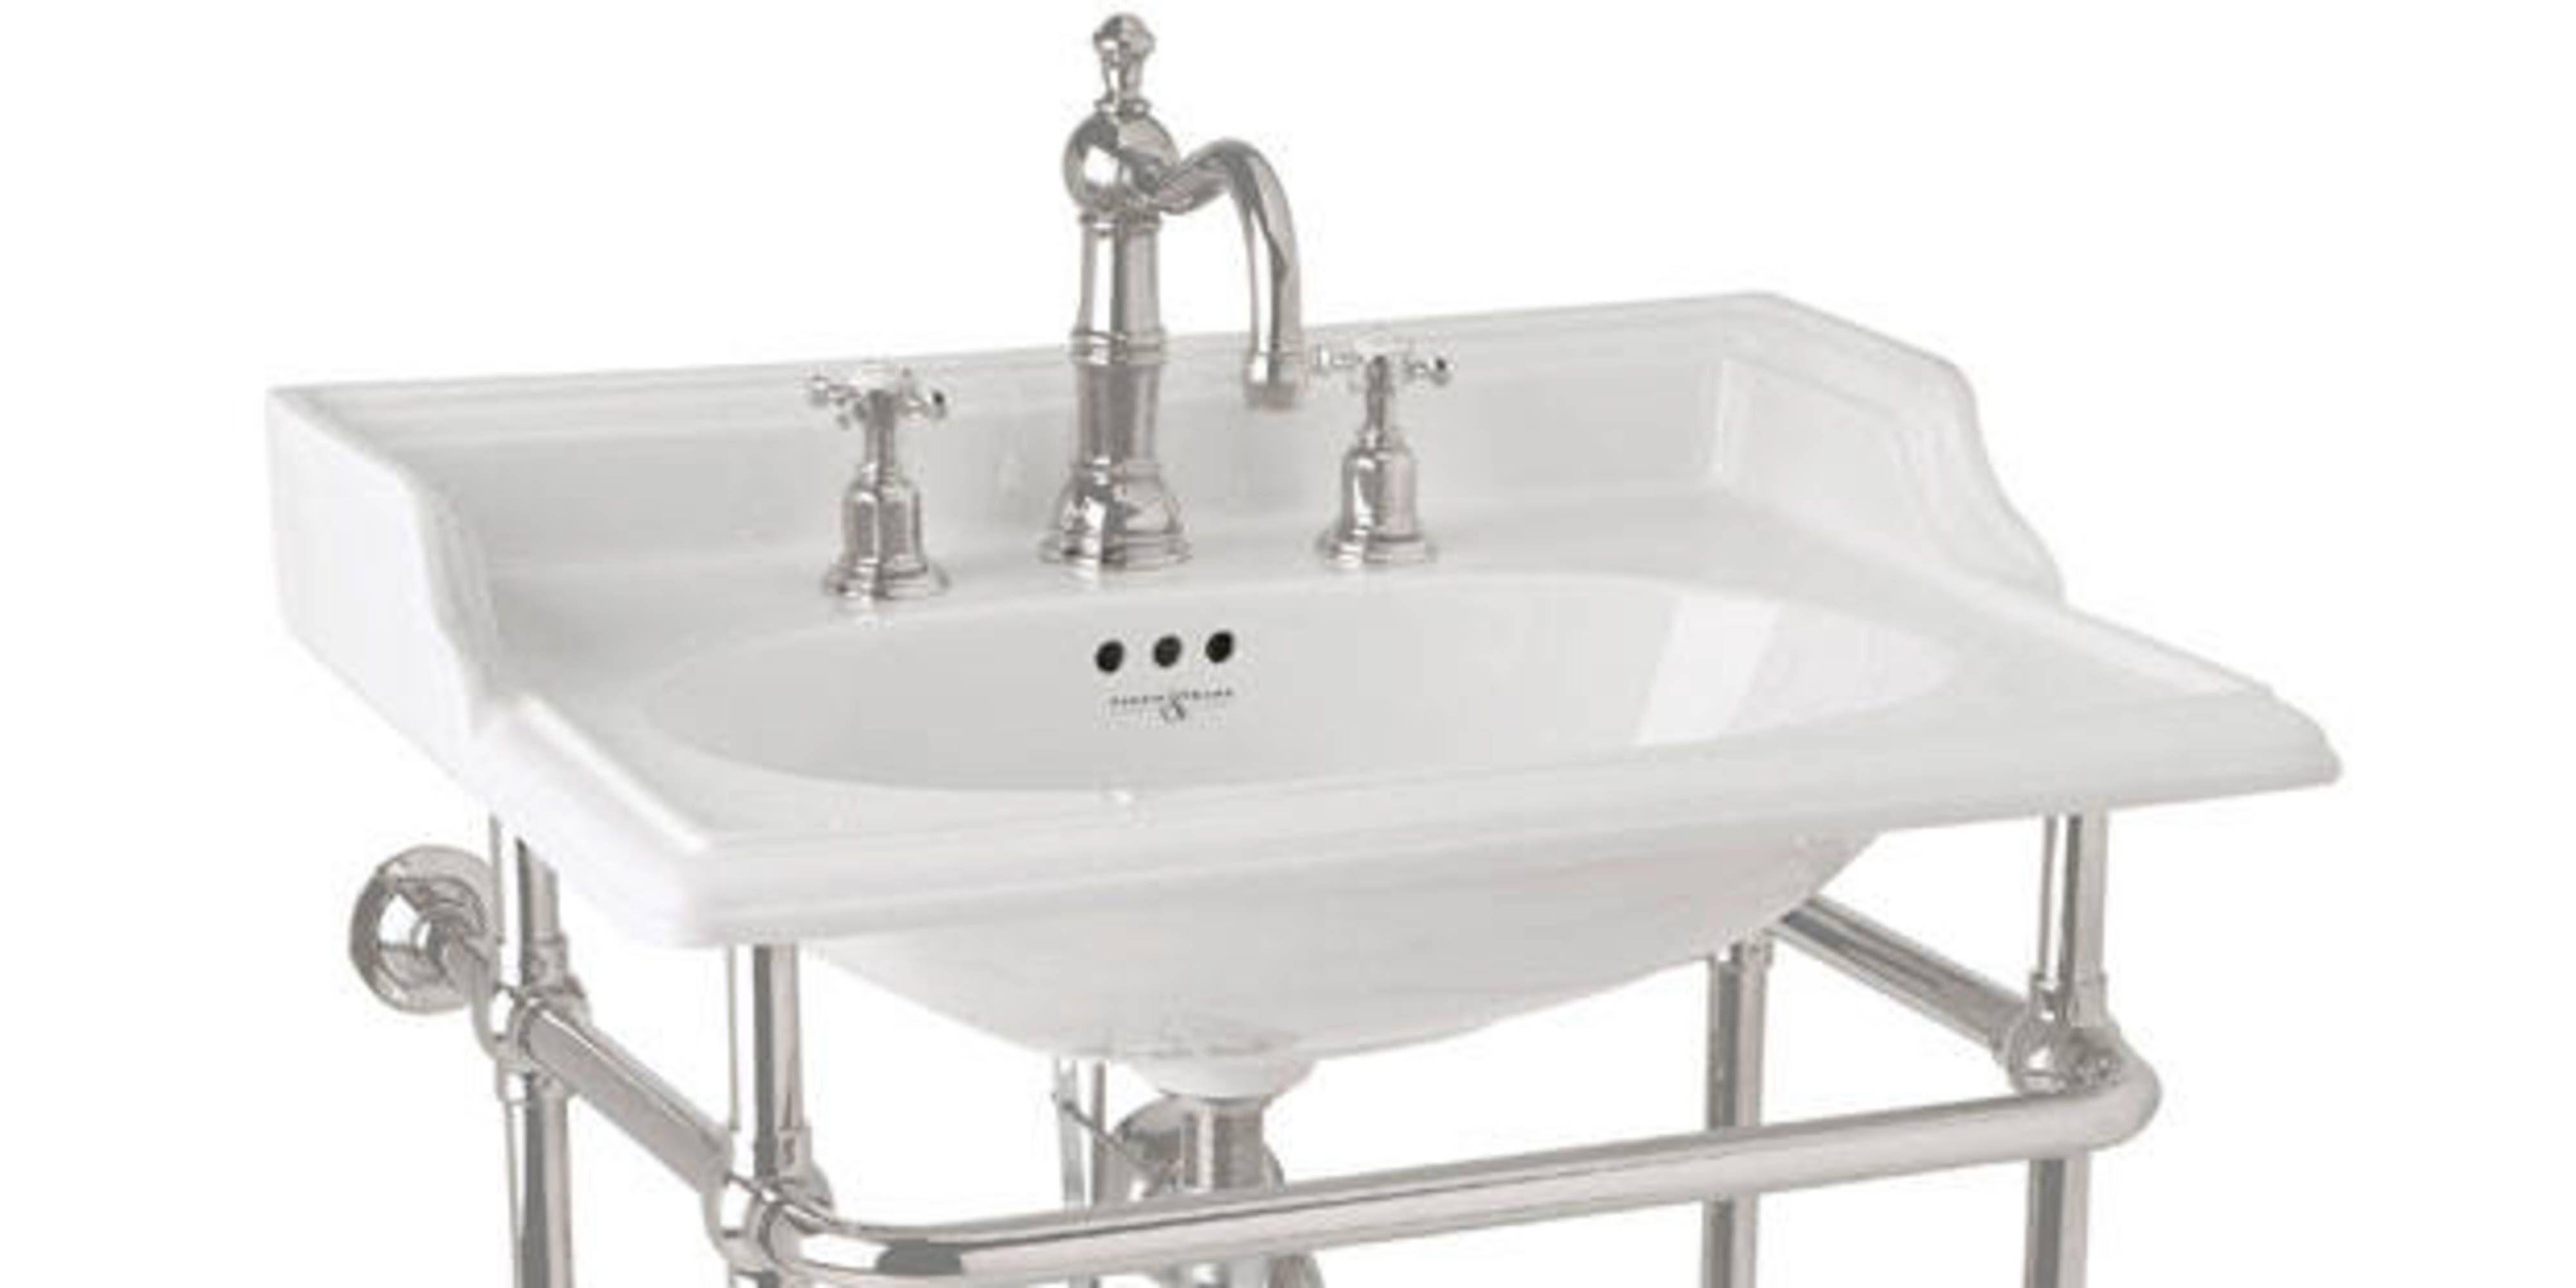 Charmant 13 Bathroom Sinks   Best Bathroom Sink And Vanity Ideas